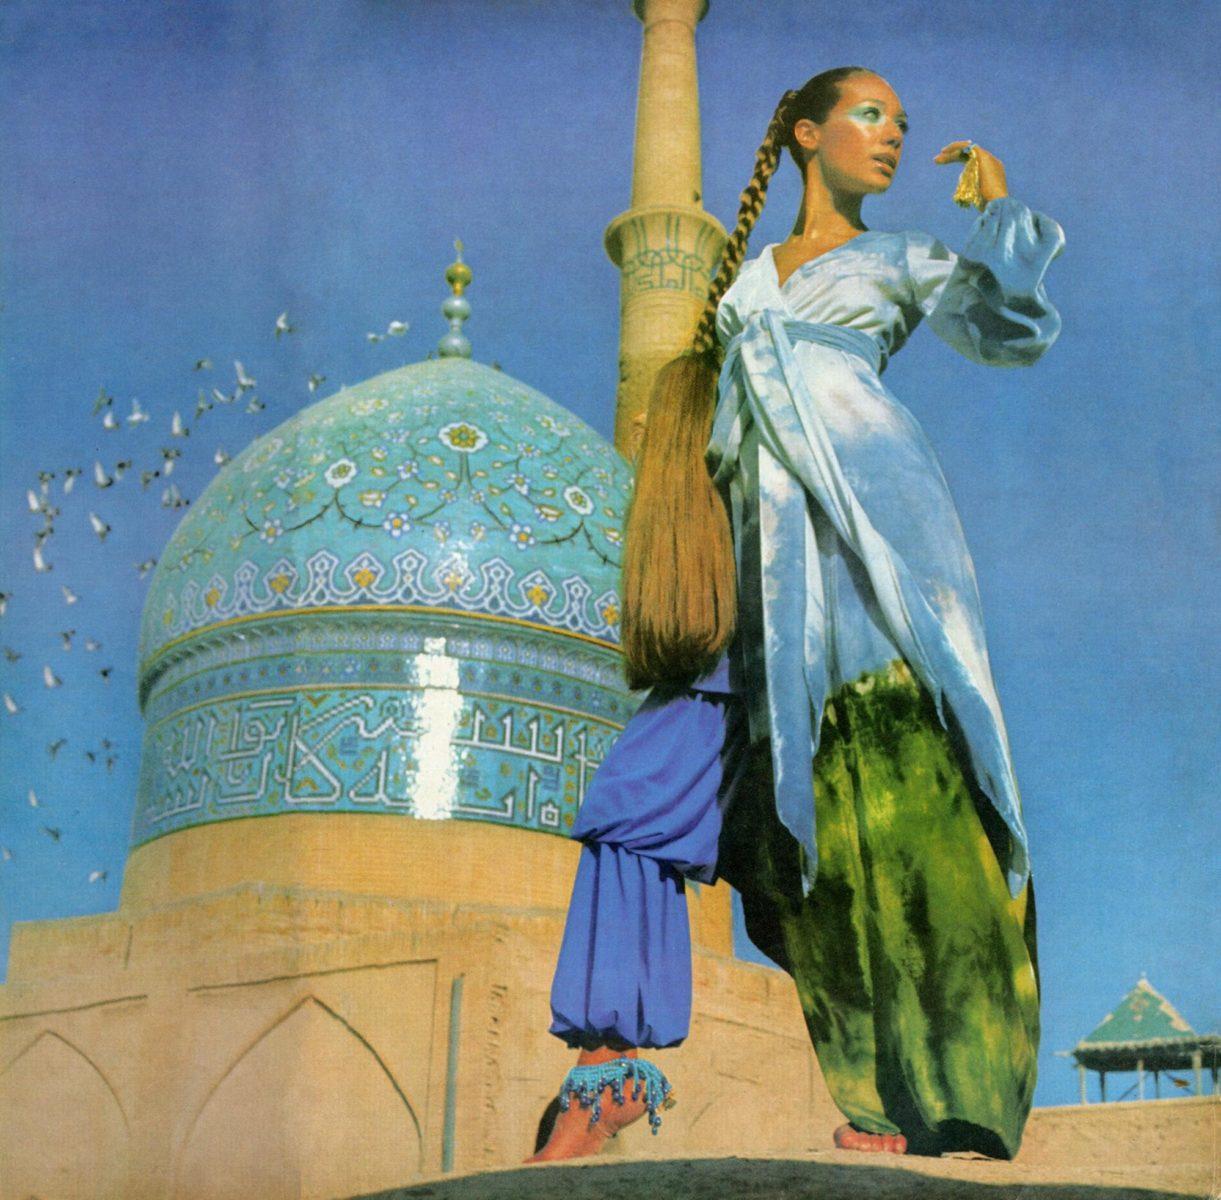 Isfahan, Iran, 1969 © Henry Clarke